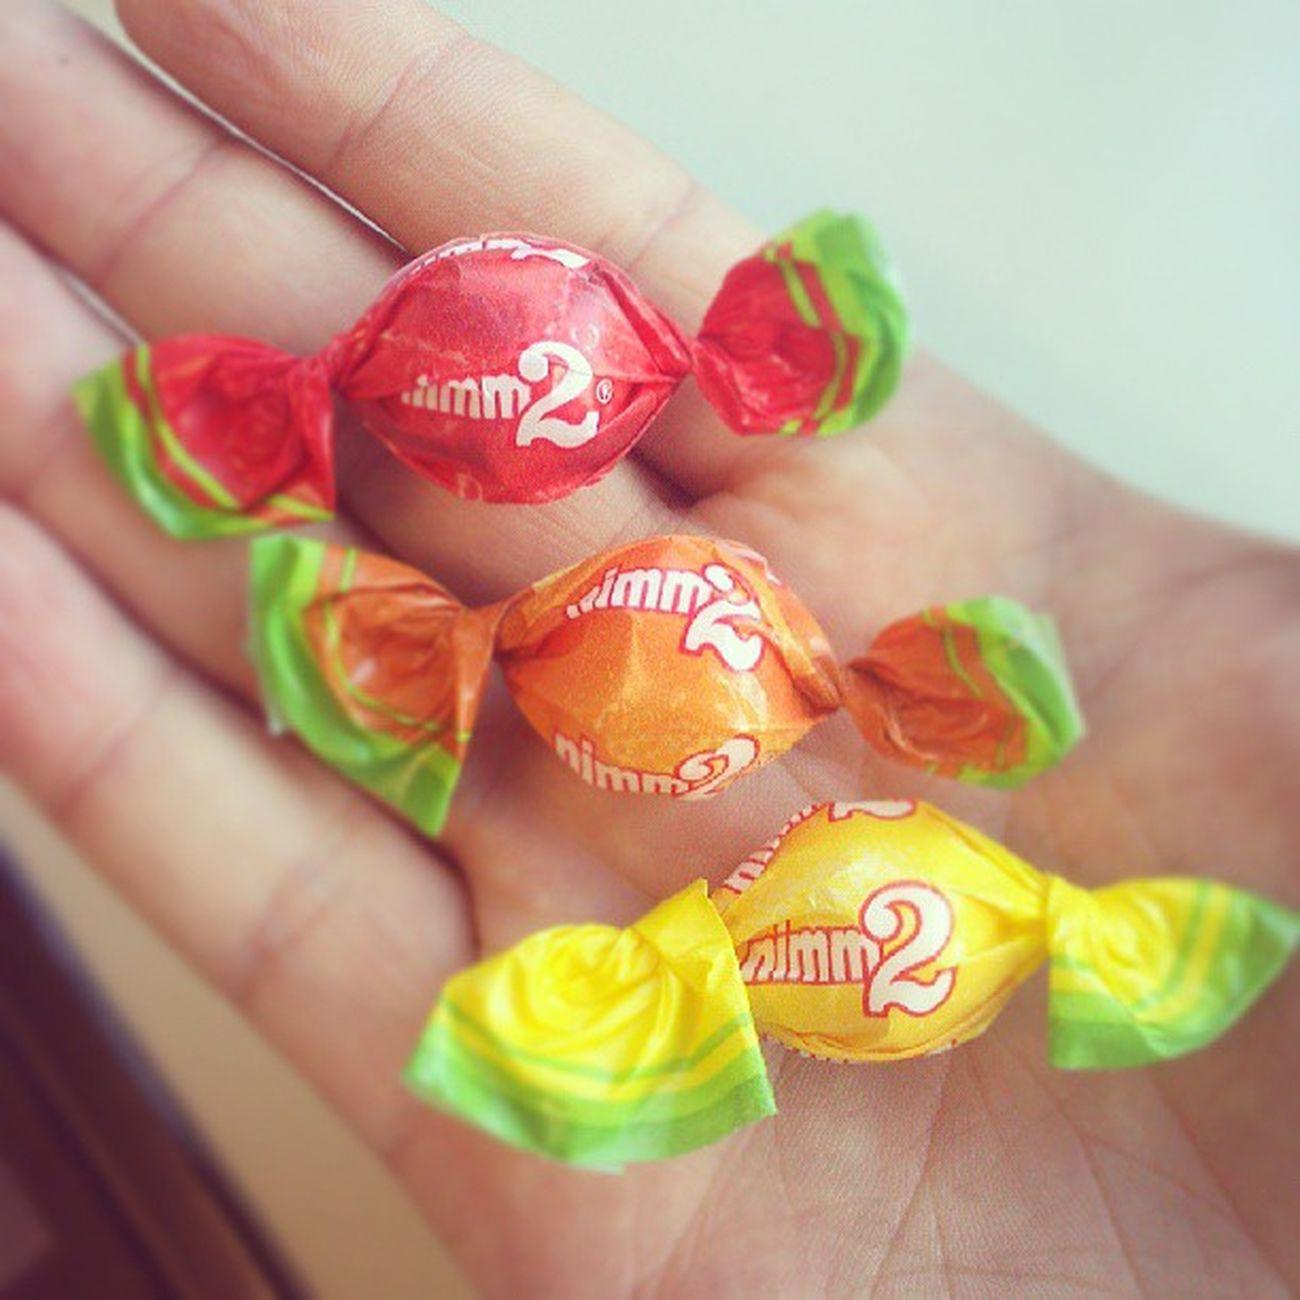 Denn es gibt keinen besseren Weg, die Nerven zu beruhigen :-D Nerven Beruhigen Calmdown Nimmzwei Süßigkeiten sweets Red yellow Orange